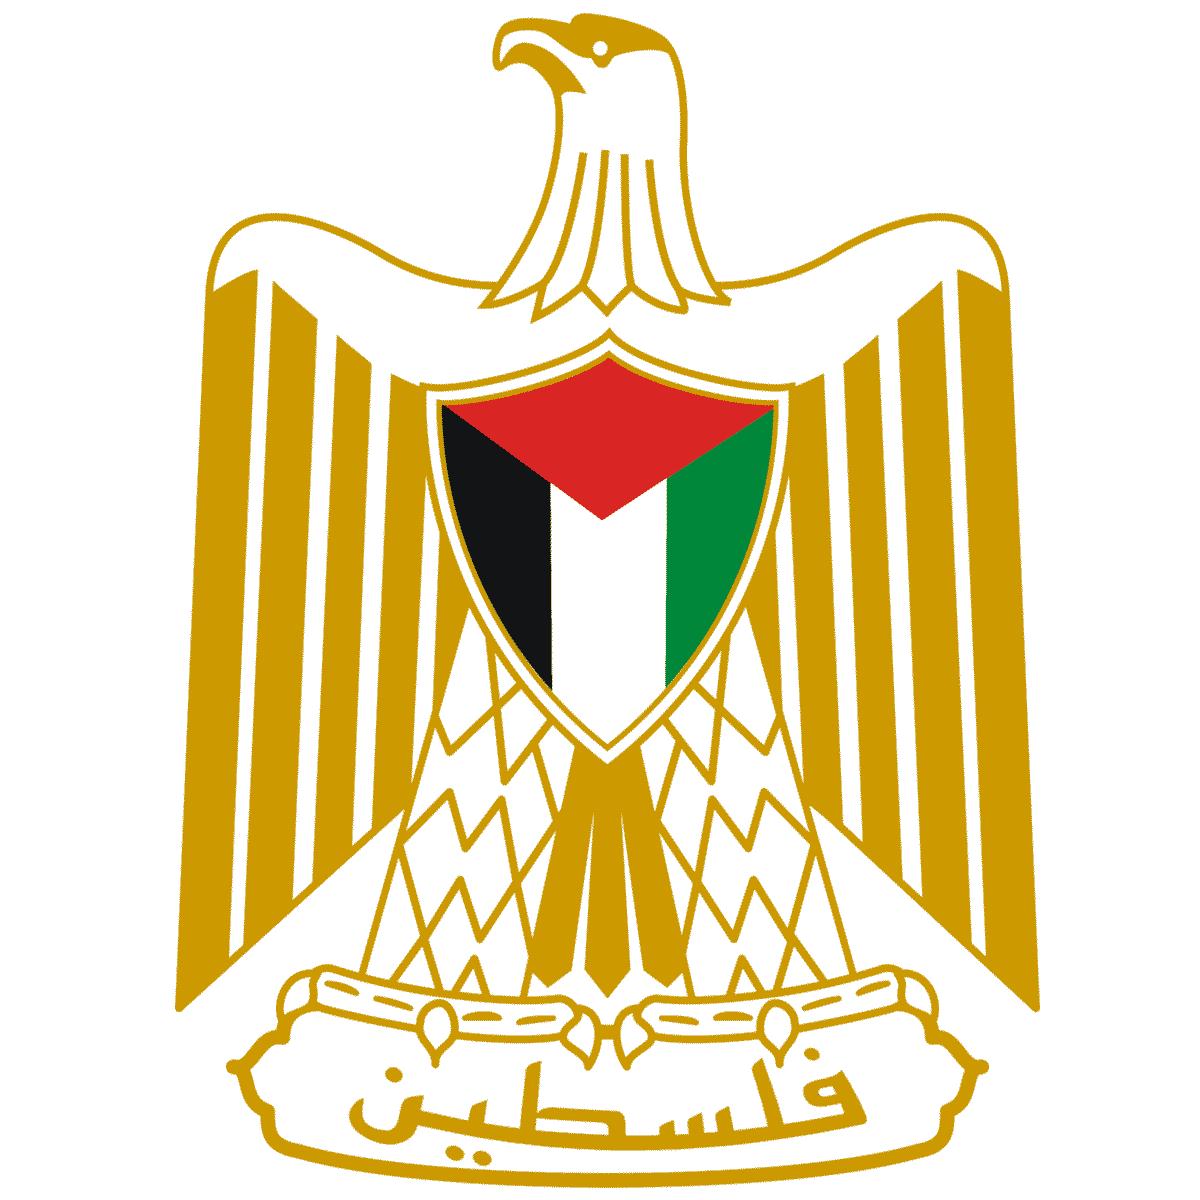 Ambasada Palestyny, legalizacja dokumentów